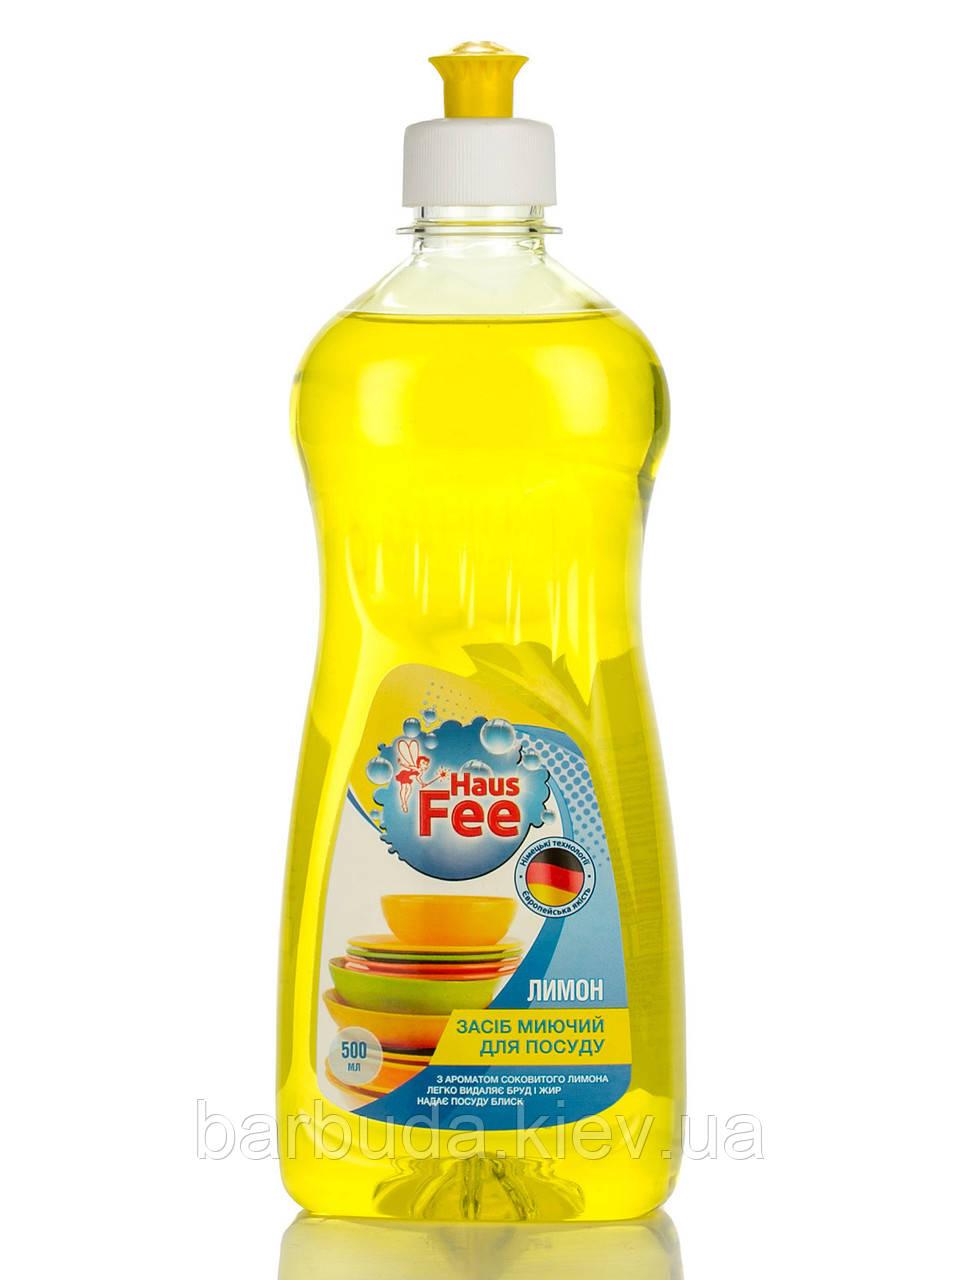 """Засіб миючий для посуду """"Лимон"""" ТМ """"Haus Fee"""" 500 мл"""